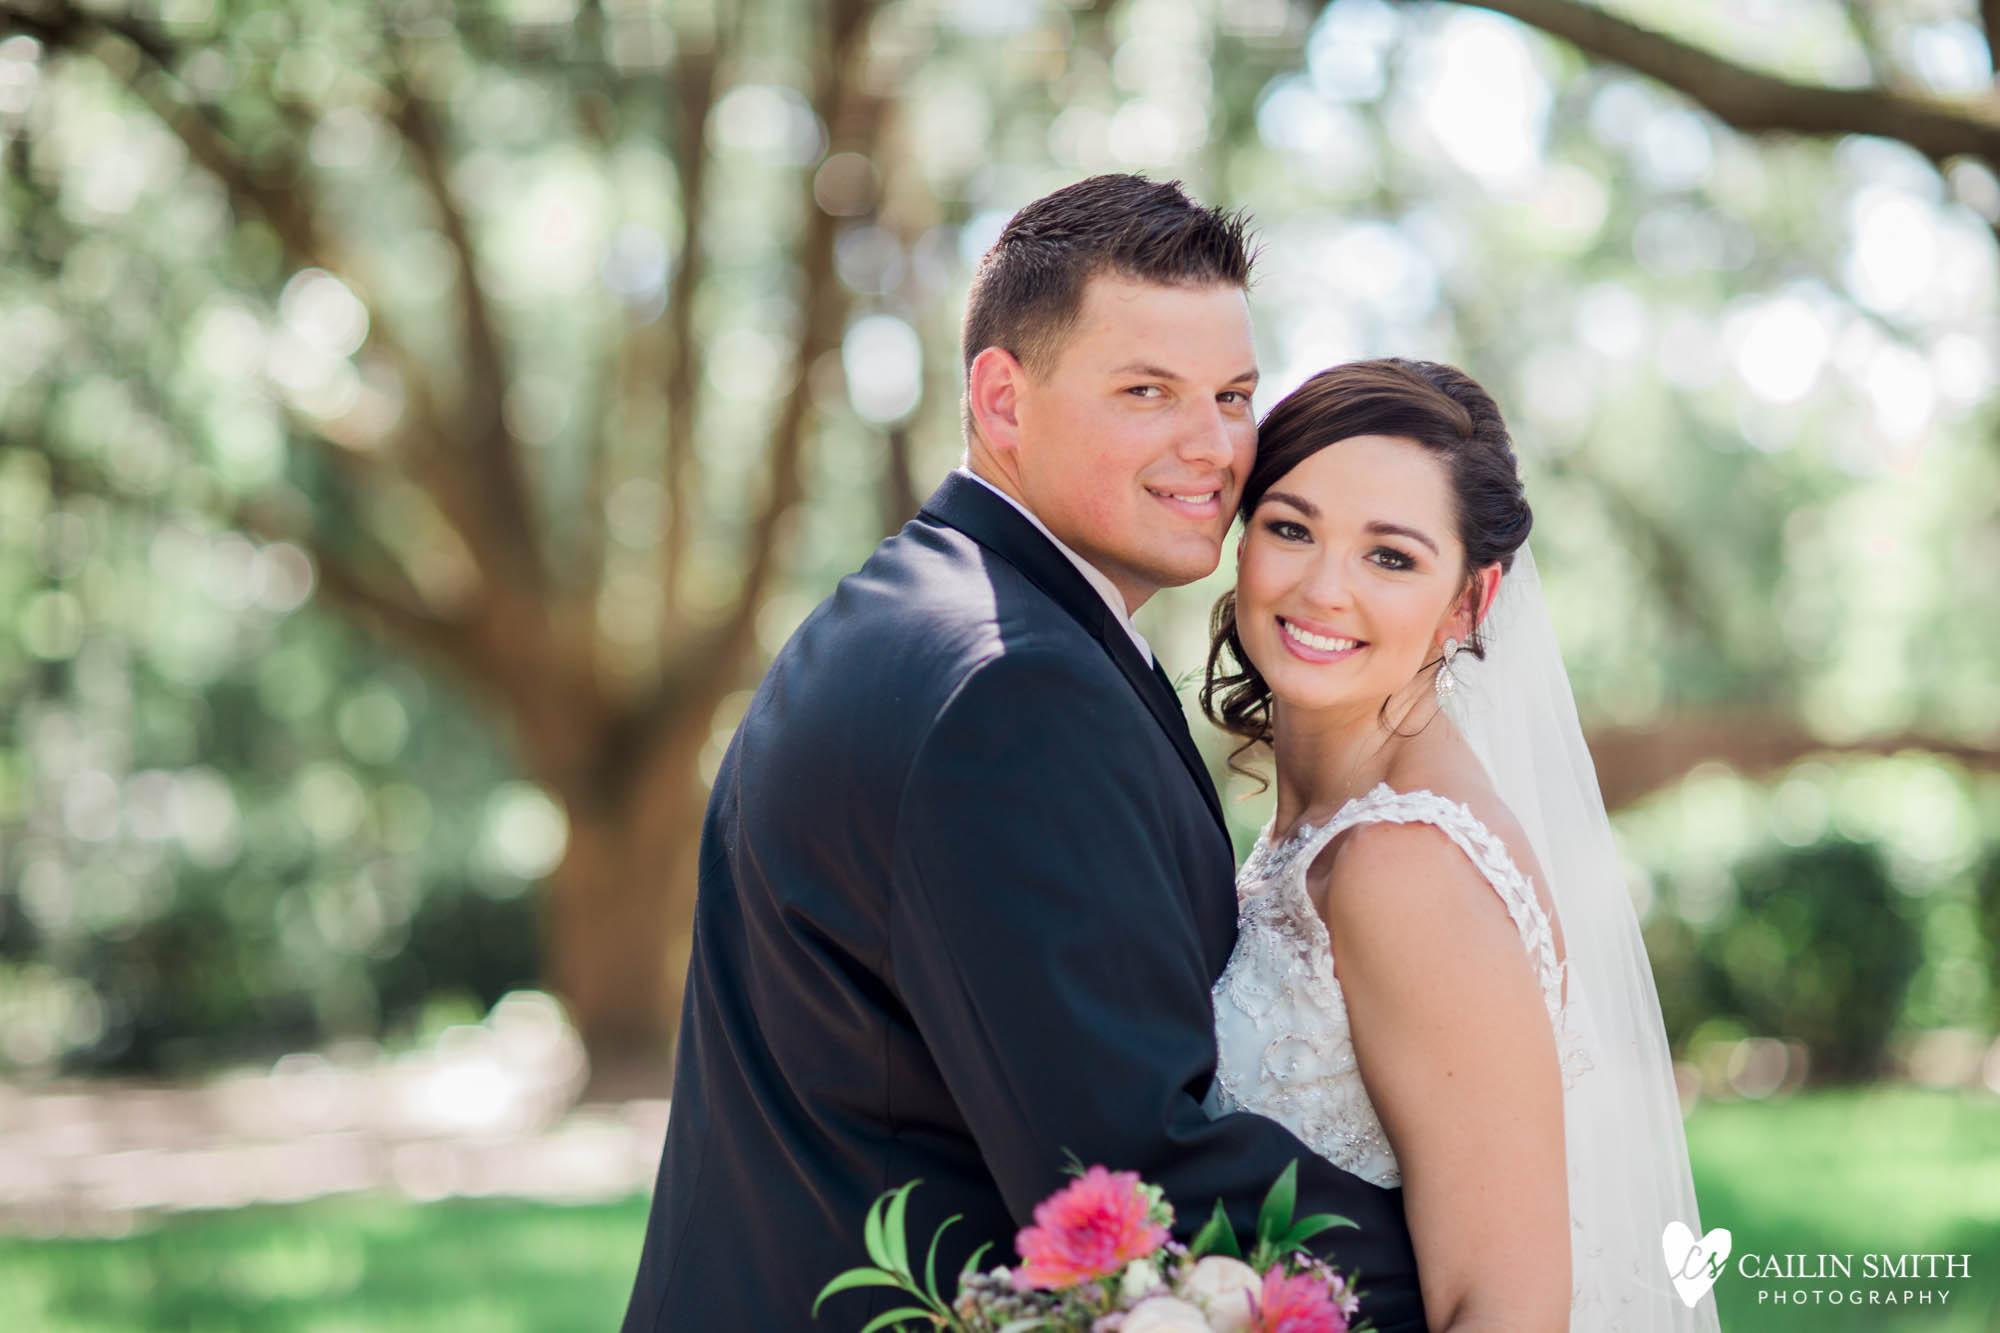 Bethany_Kyle_Bowing_Oaks_Plantation_Wedding_Photography_0048.jpg